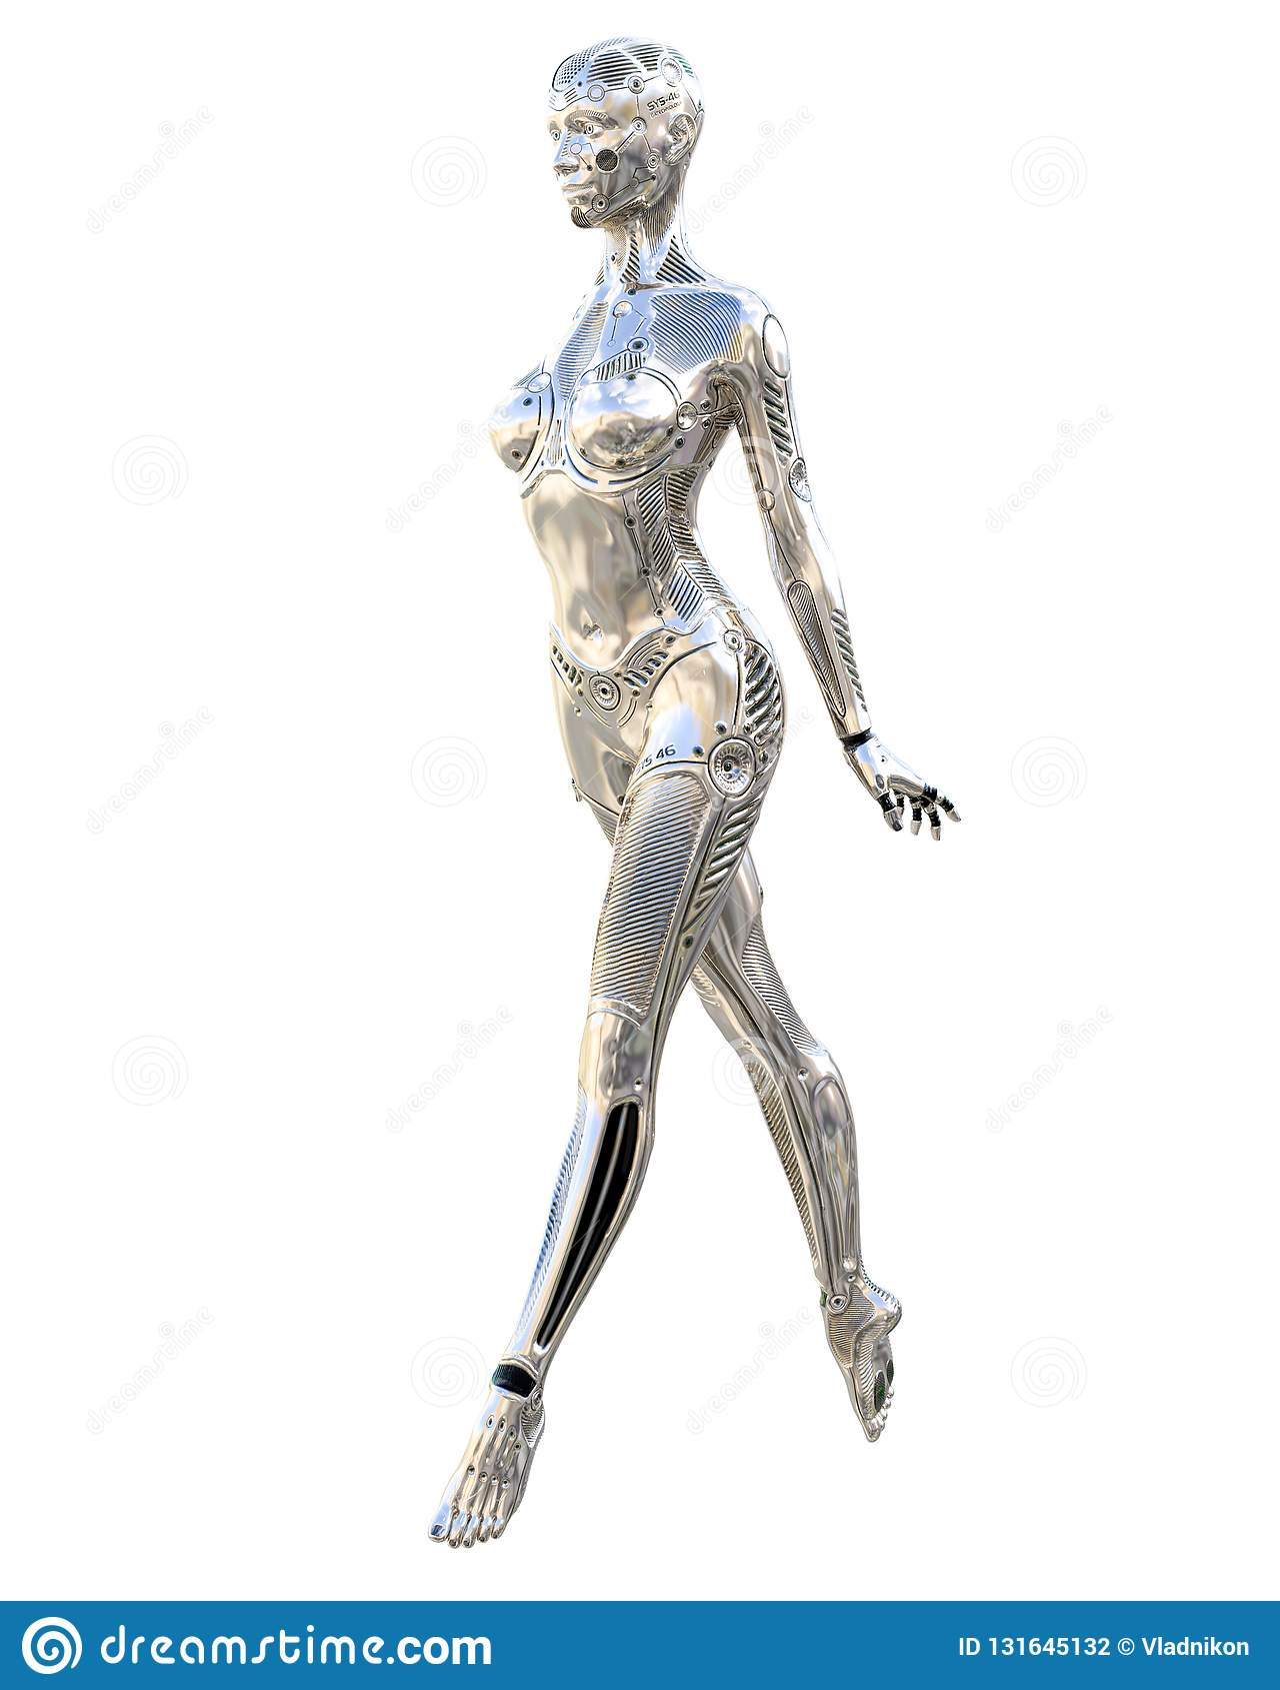 Mulher do robô da dança Droid de prata brilhante do metal Inteligência artificial Arte conceptual da forma 3d realísticos rendem